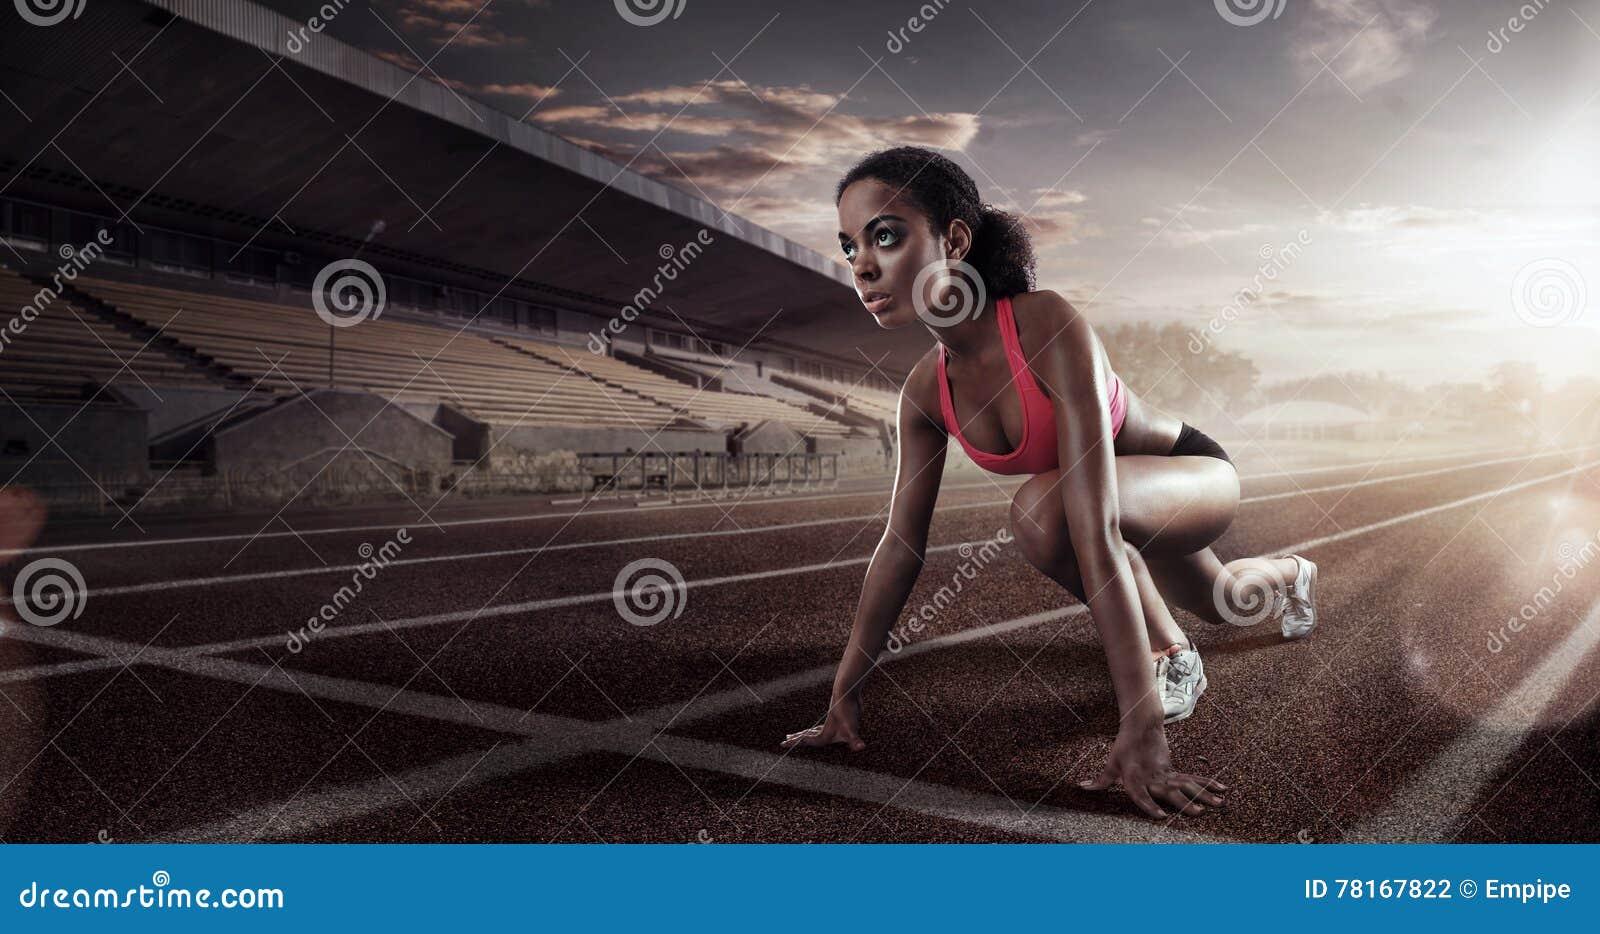 Runner on the start line